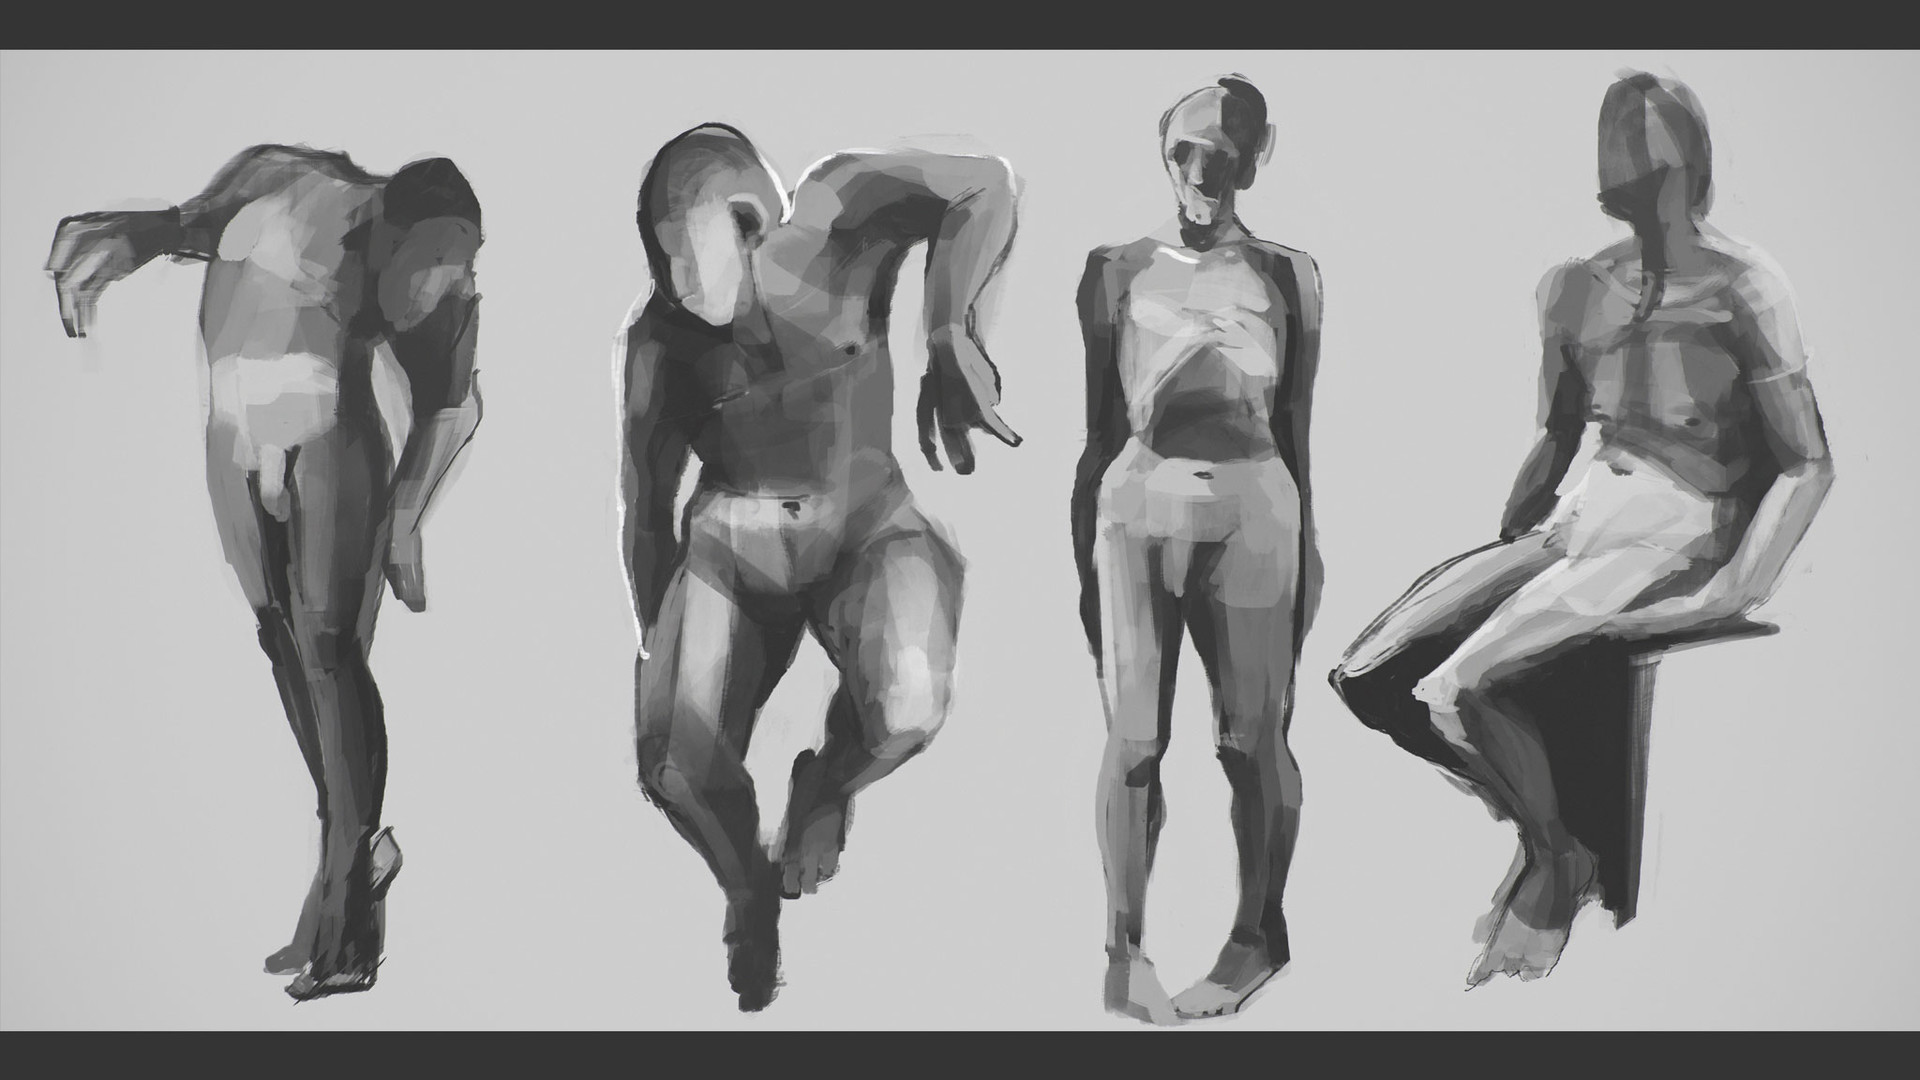 Anya dmitrieva painting methods uplox 03